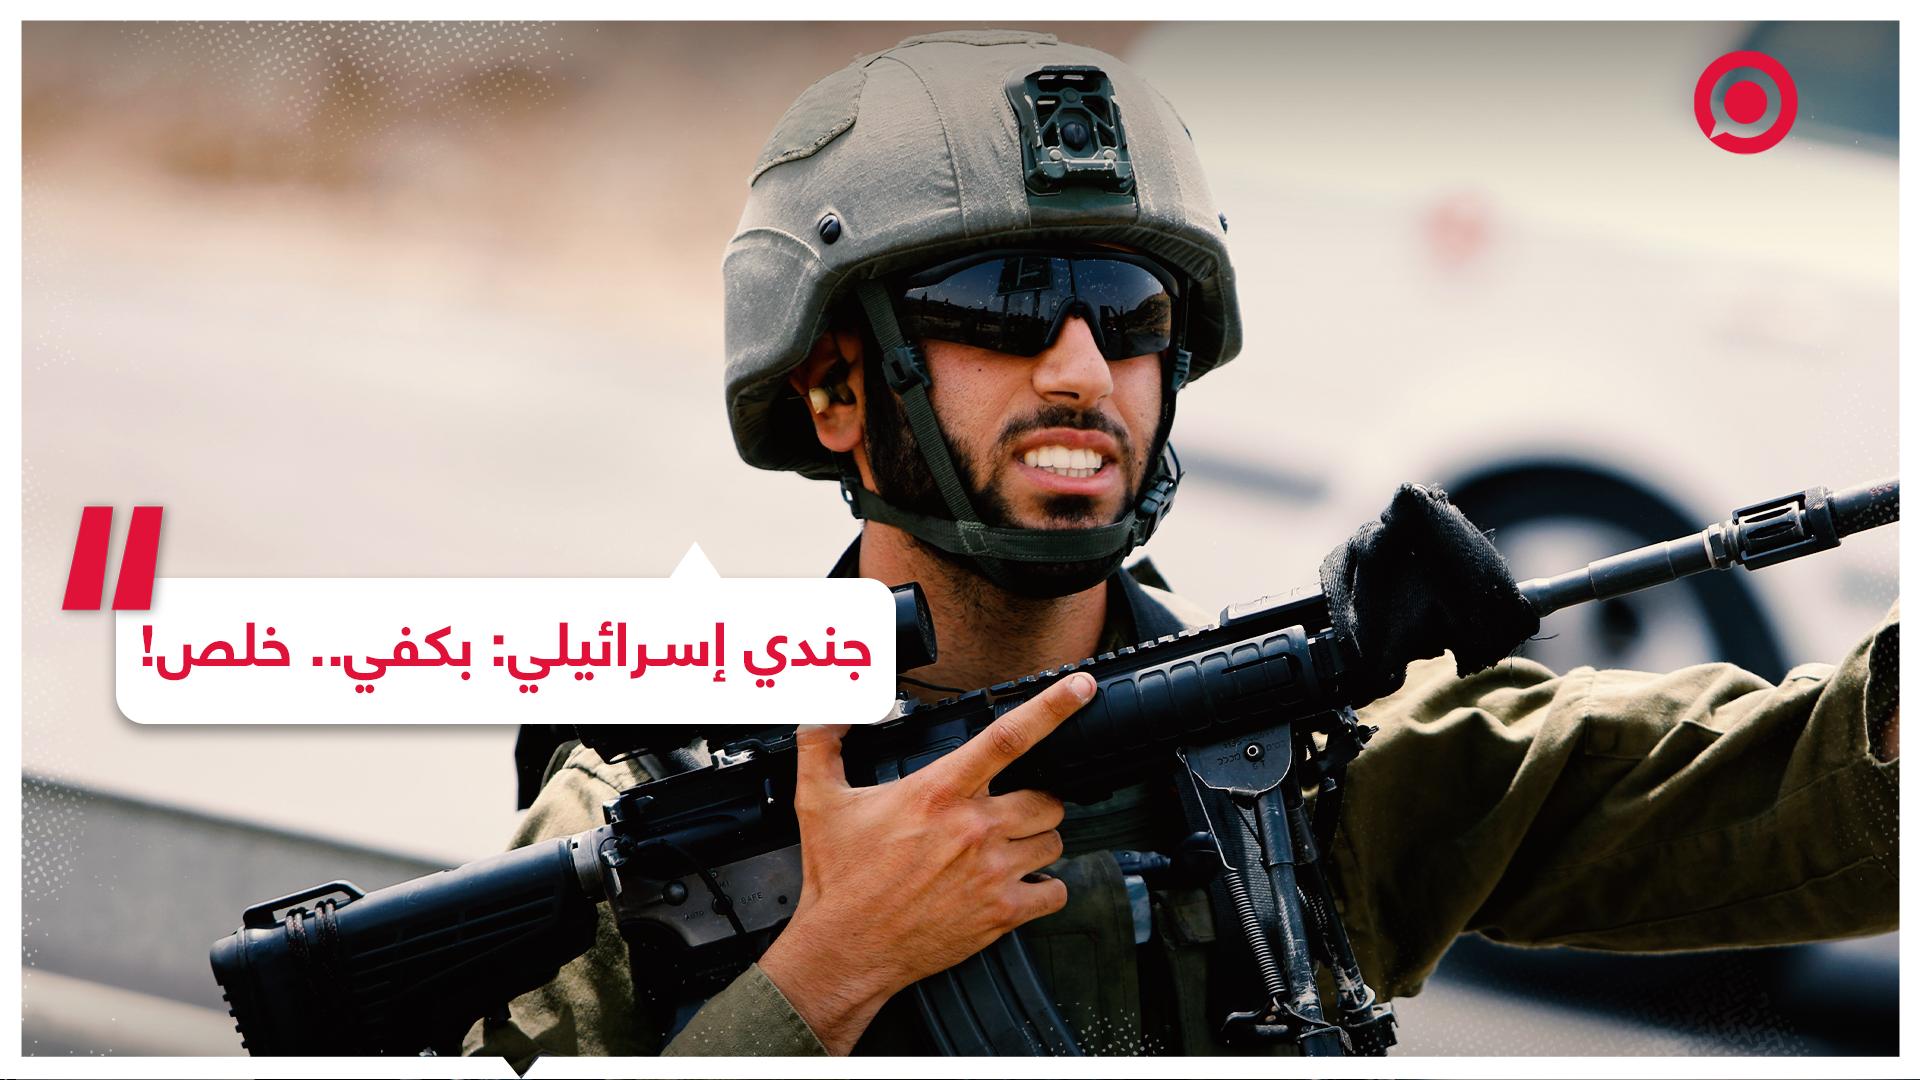 #فلسطين #الخليل #شاحنات